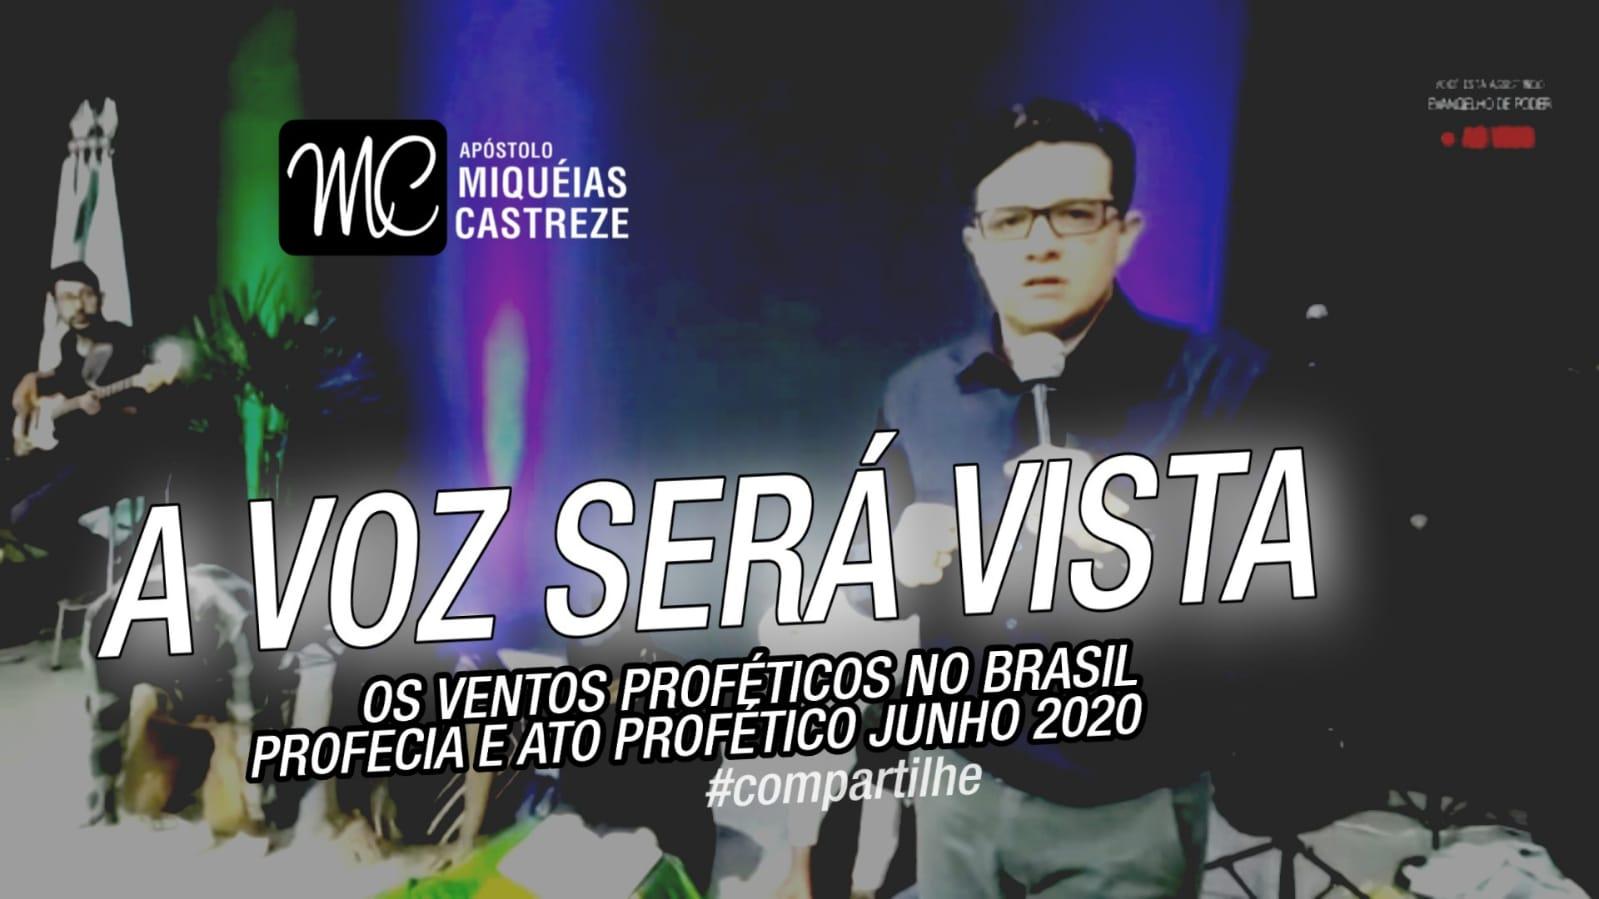 A VOZ SERÁ VISTA | OS VENTOS NO BRASIL PROFECIA JUNHO 2020